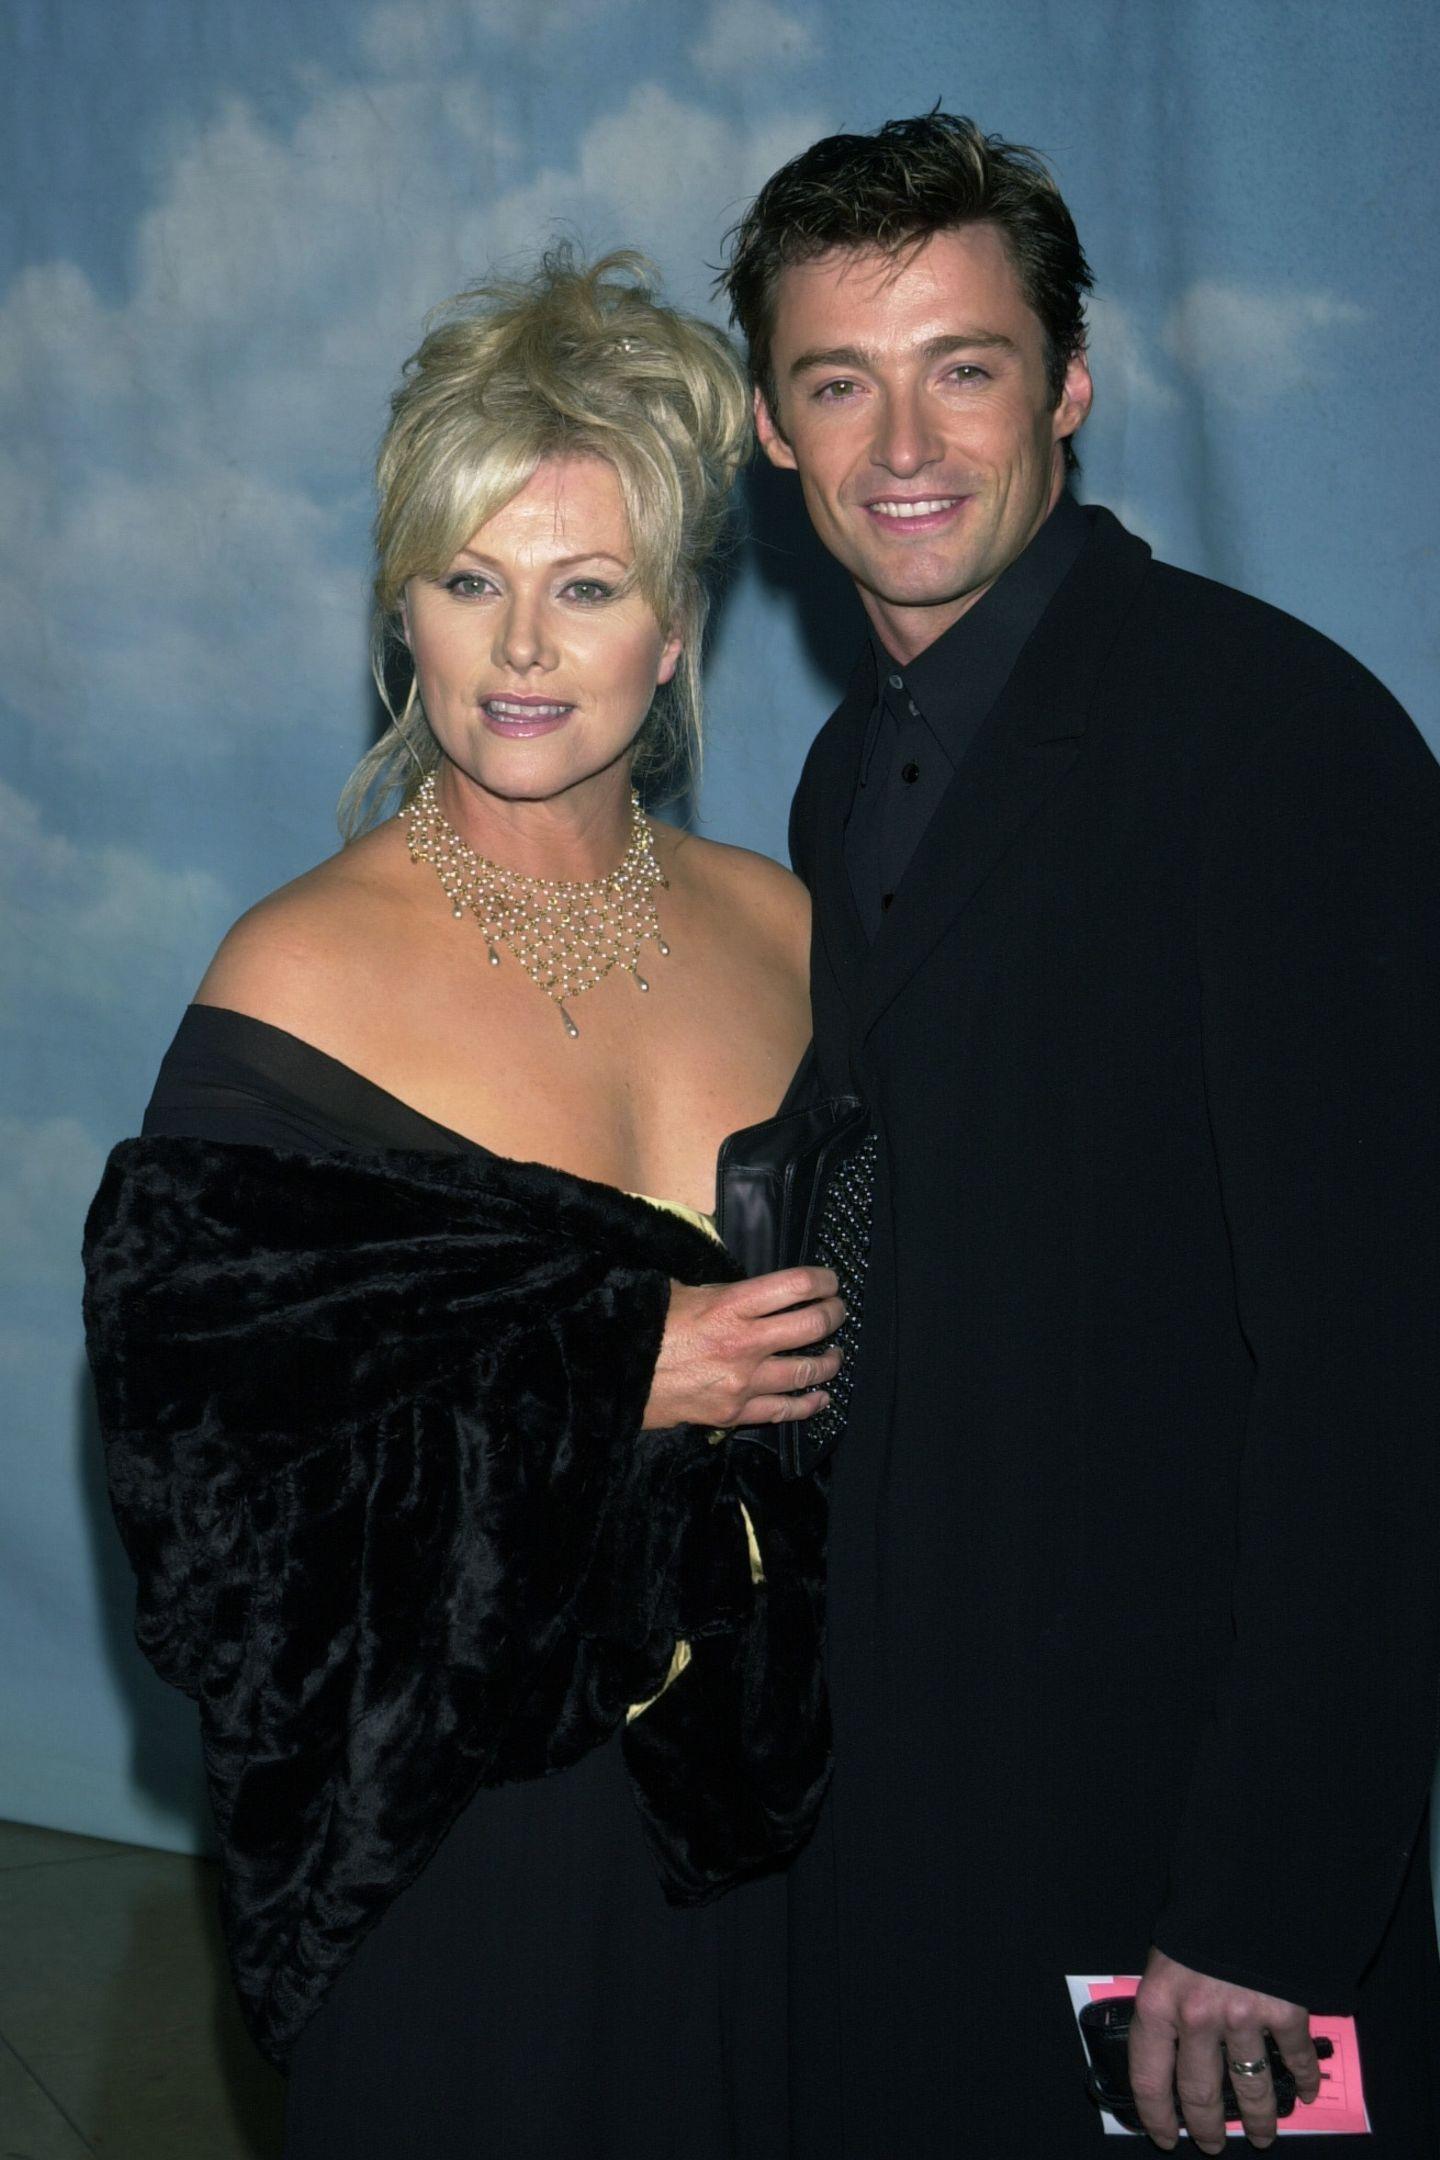 Schon im Jahr 2000 ein hottes Paar: Deborra-Lee Furness und Hugh Jackman - der Schauspieler ...